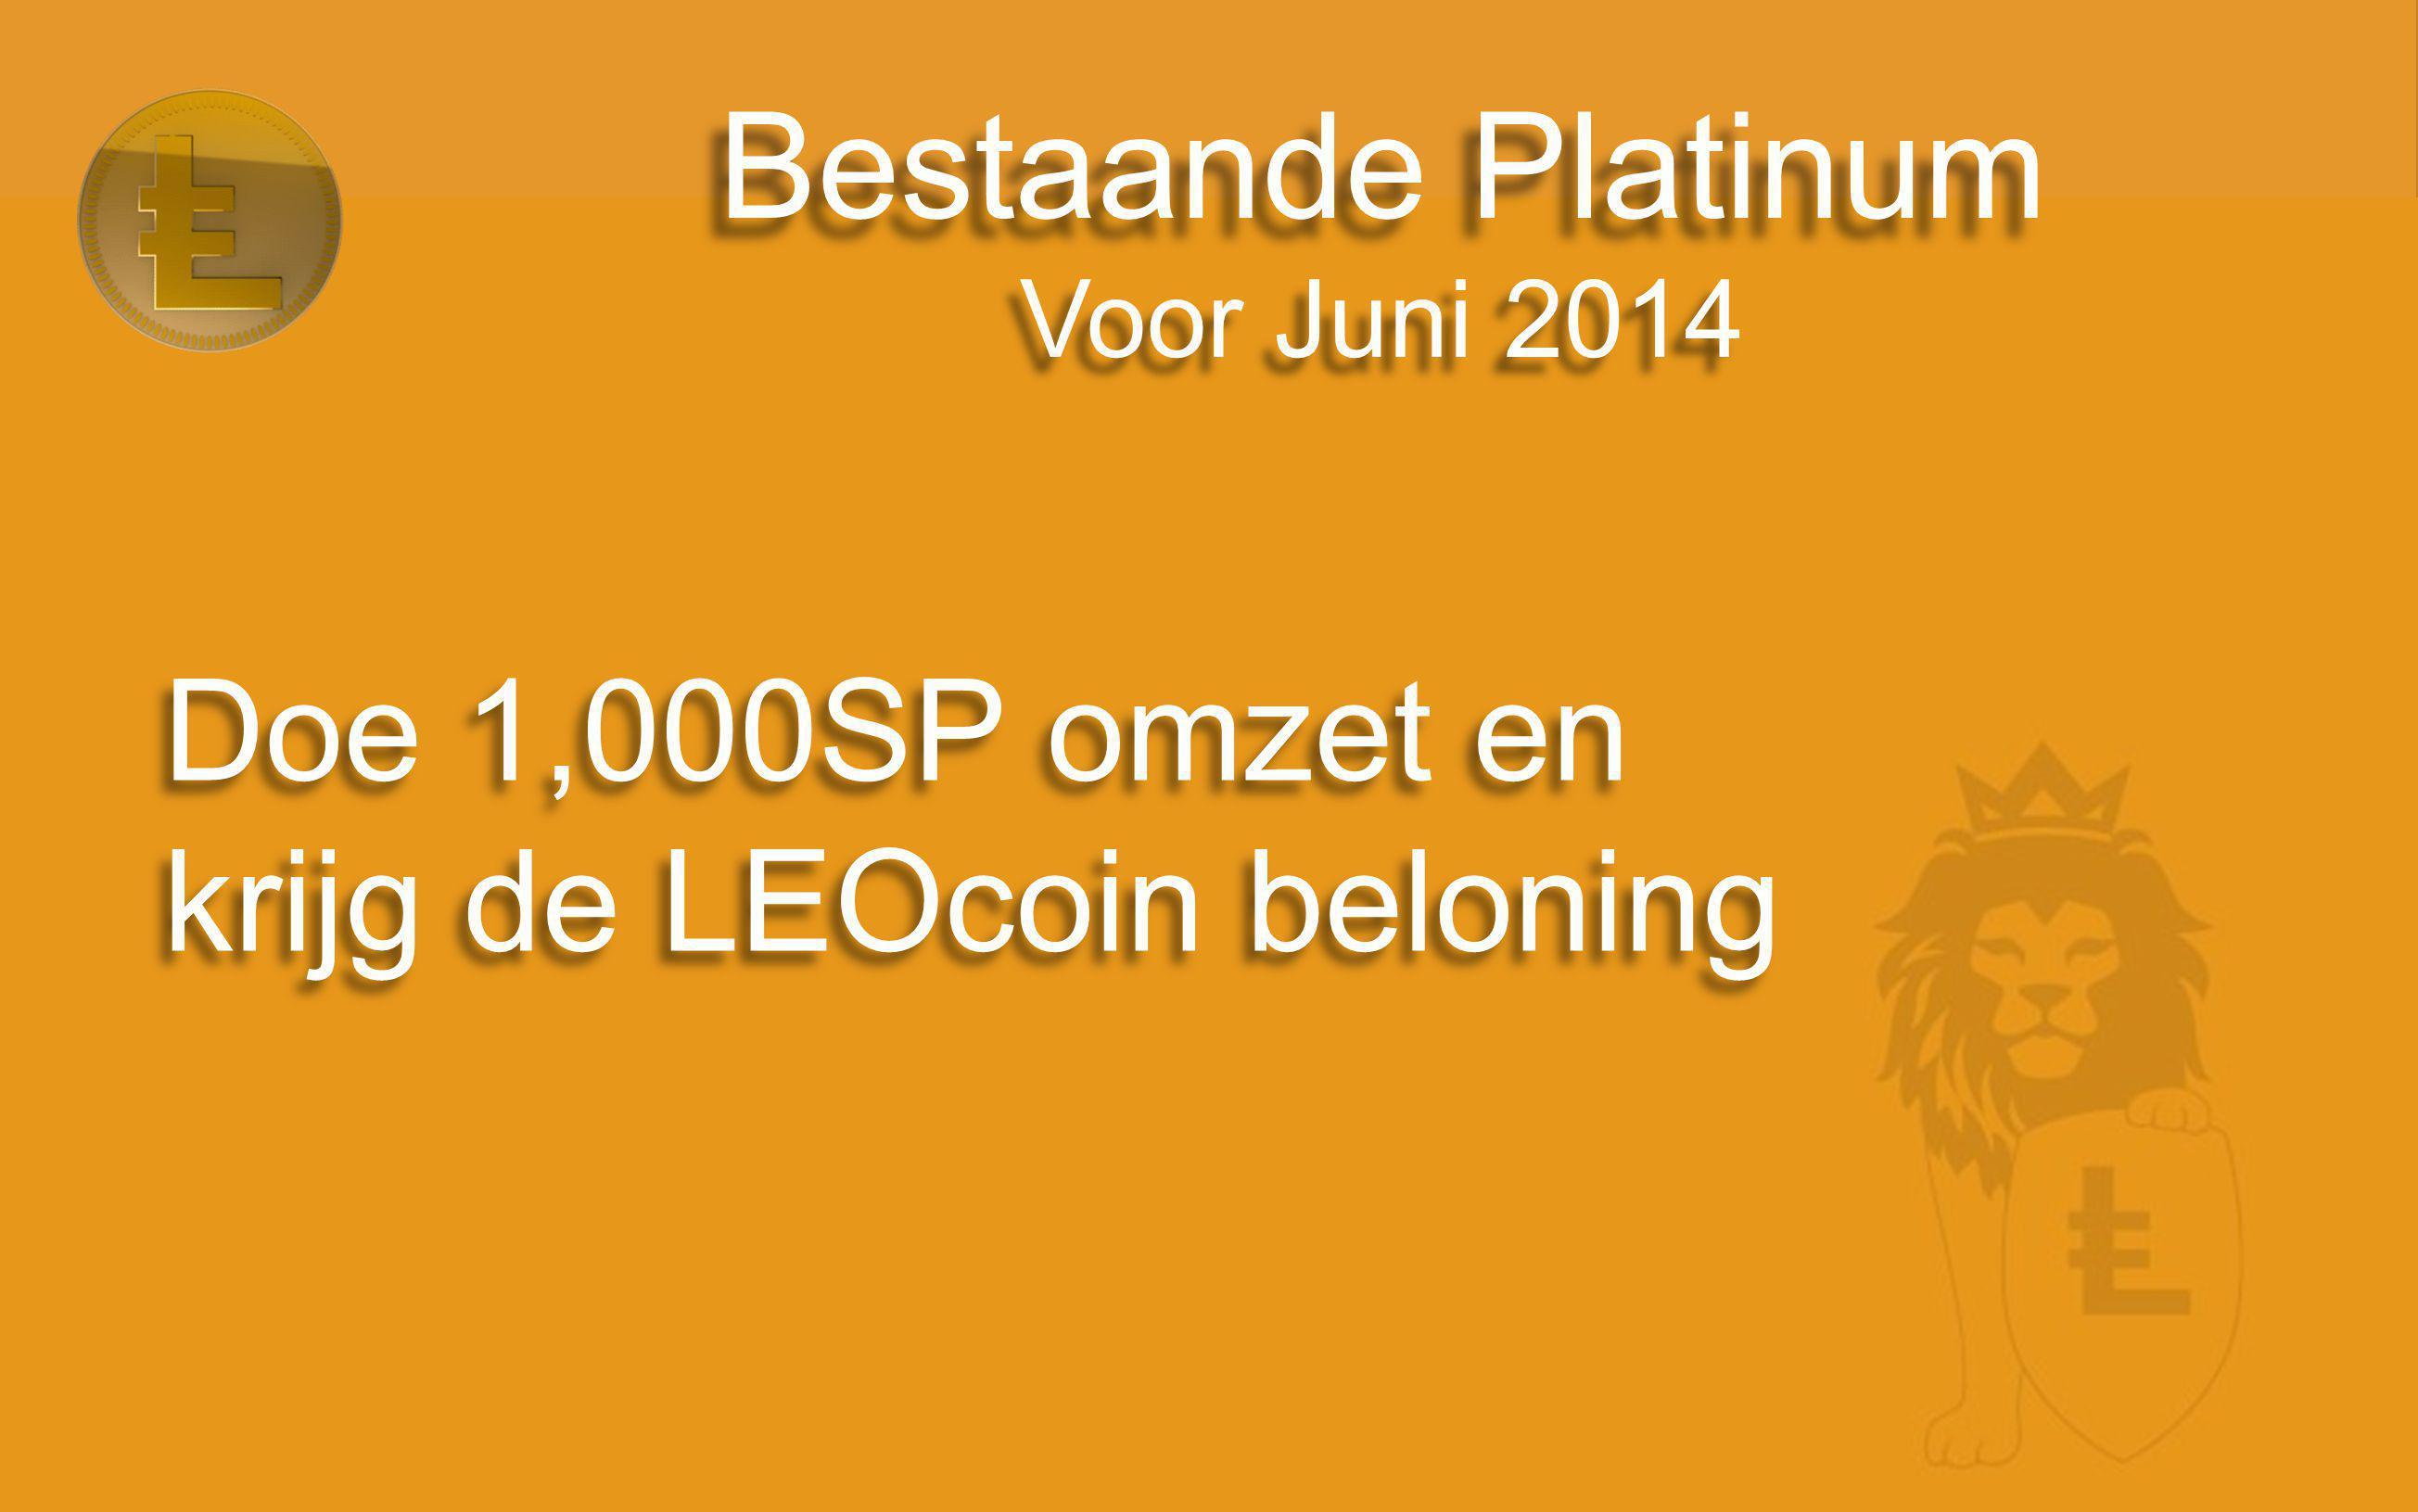 Bestaande Platinum Voor Juni 2014 Doe 1,000SP omzet en krijg de LEOcoin beloning